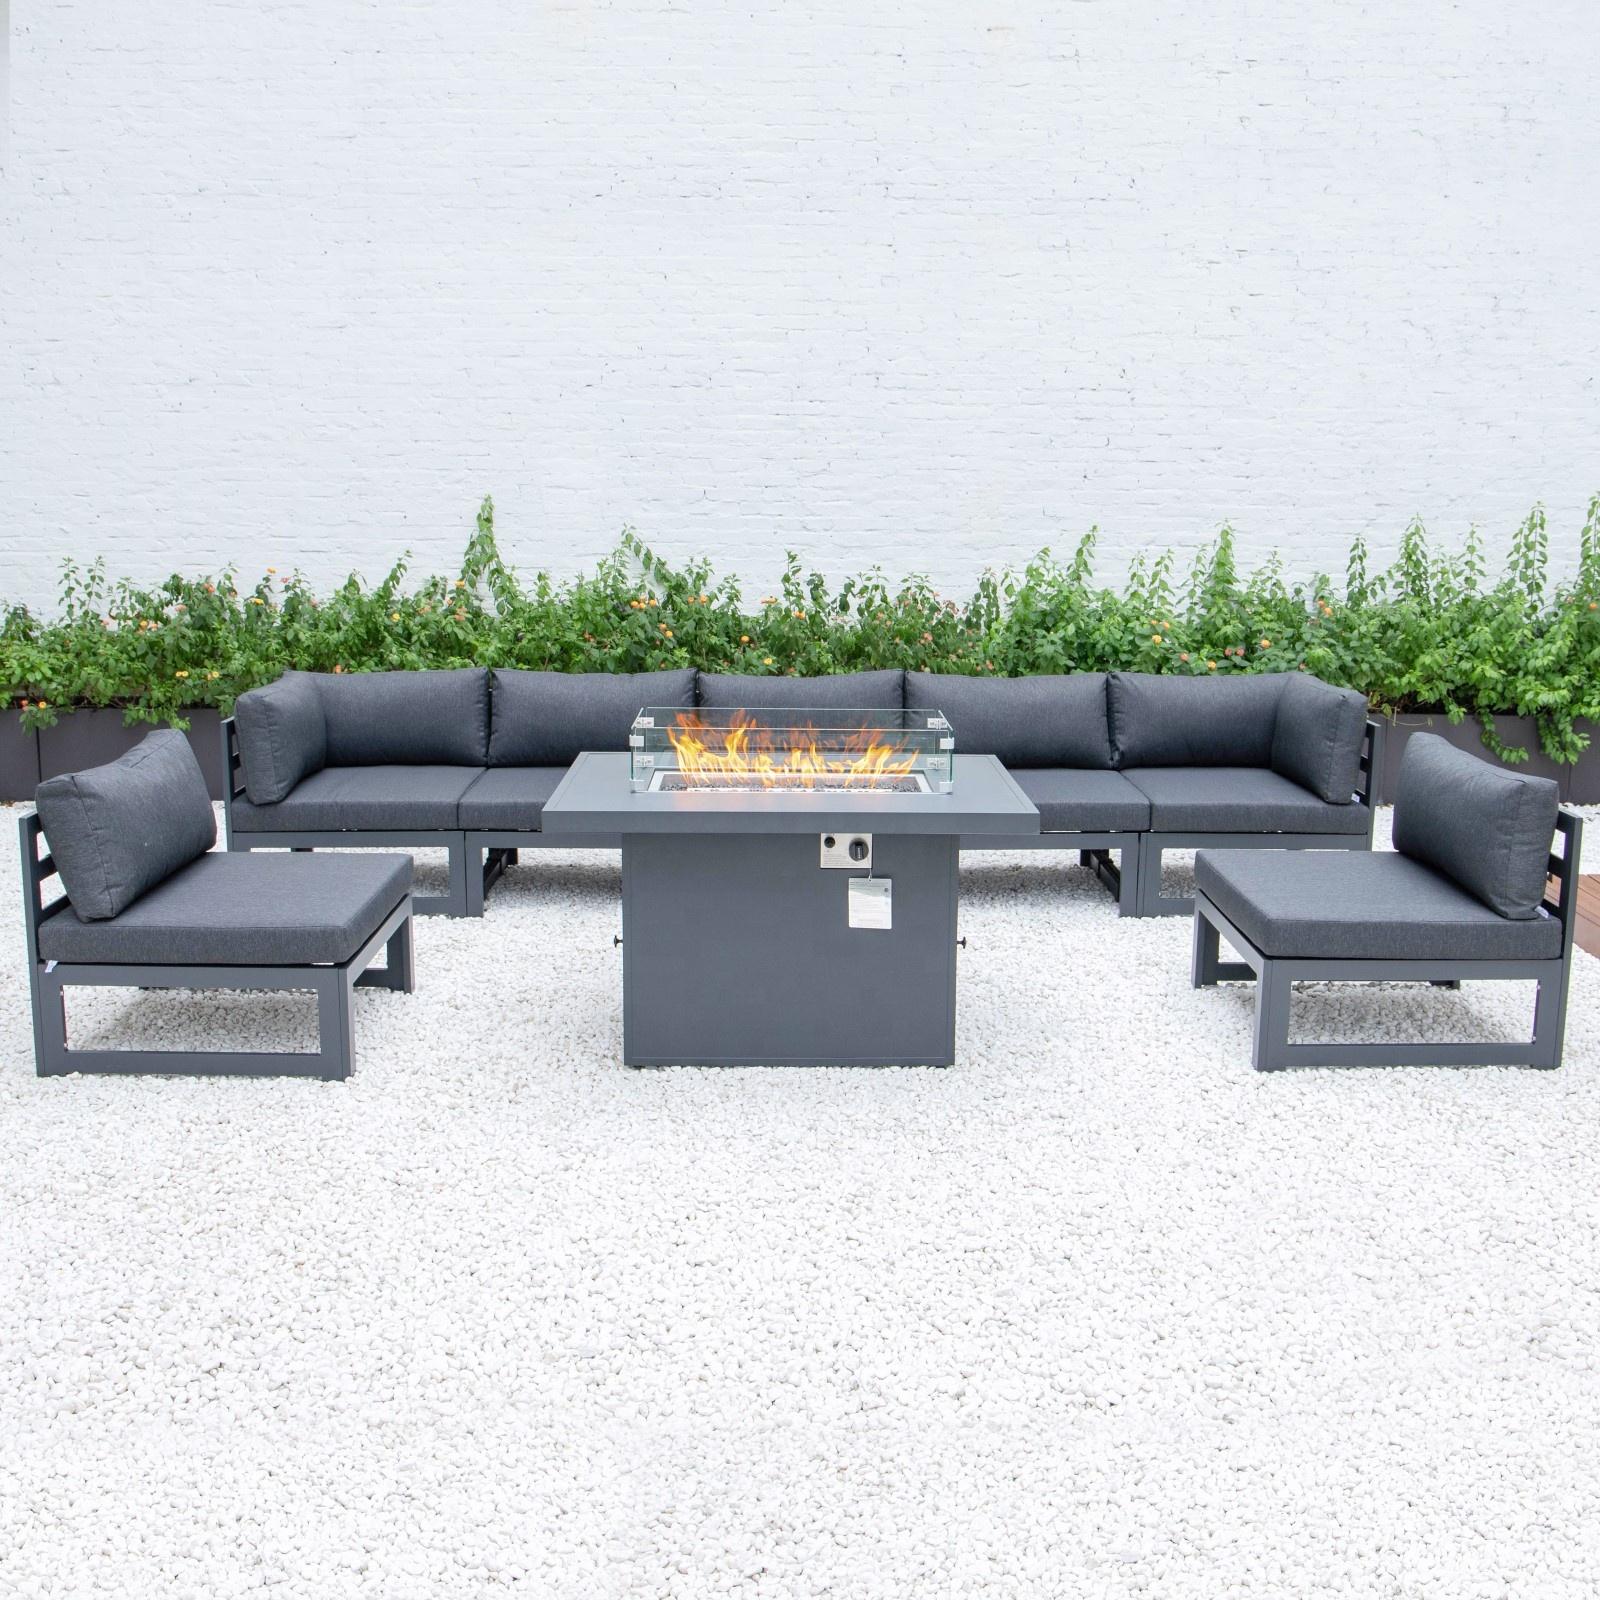 Уличный Плетеный садовый диван из ротанга для внутреннего дворика, уличный алюминиевый диван с огненным столом